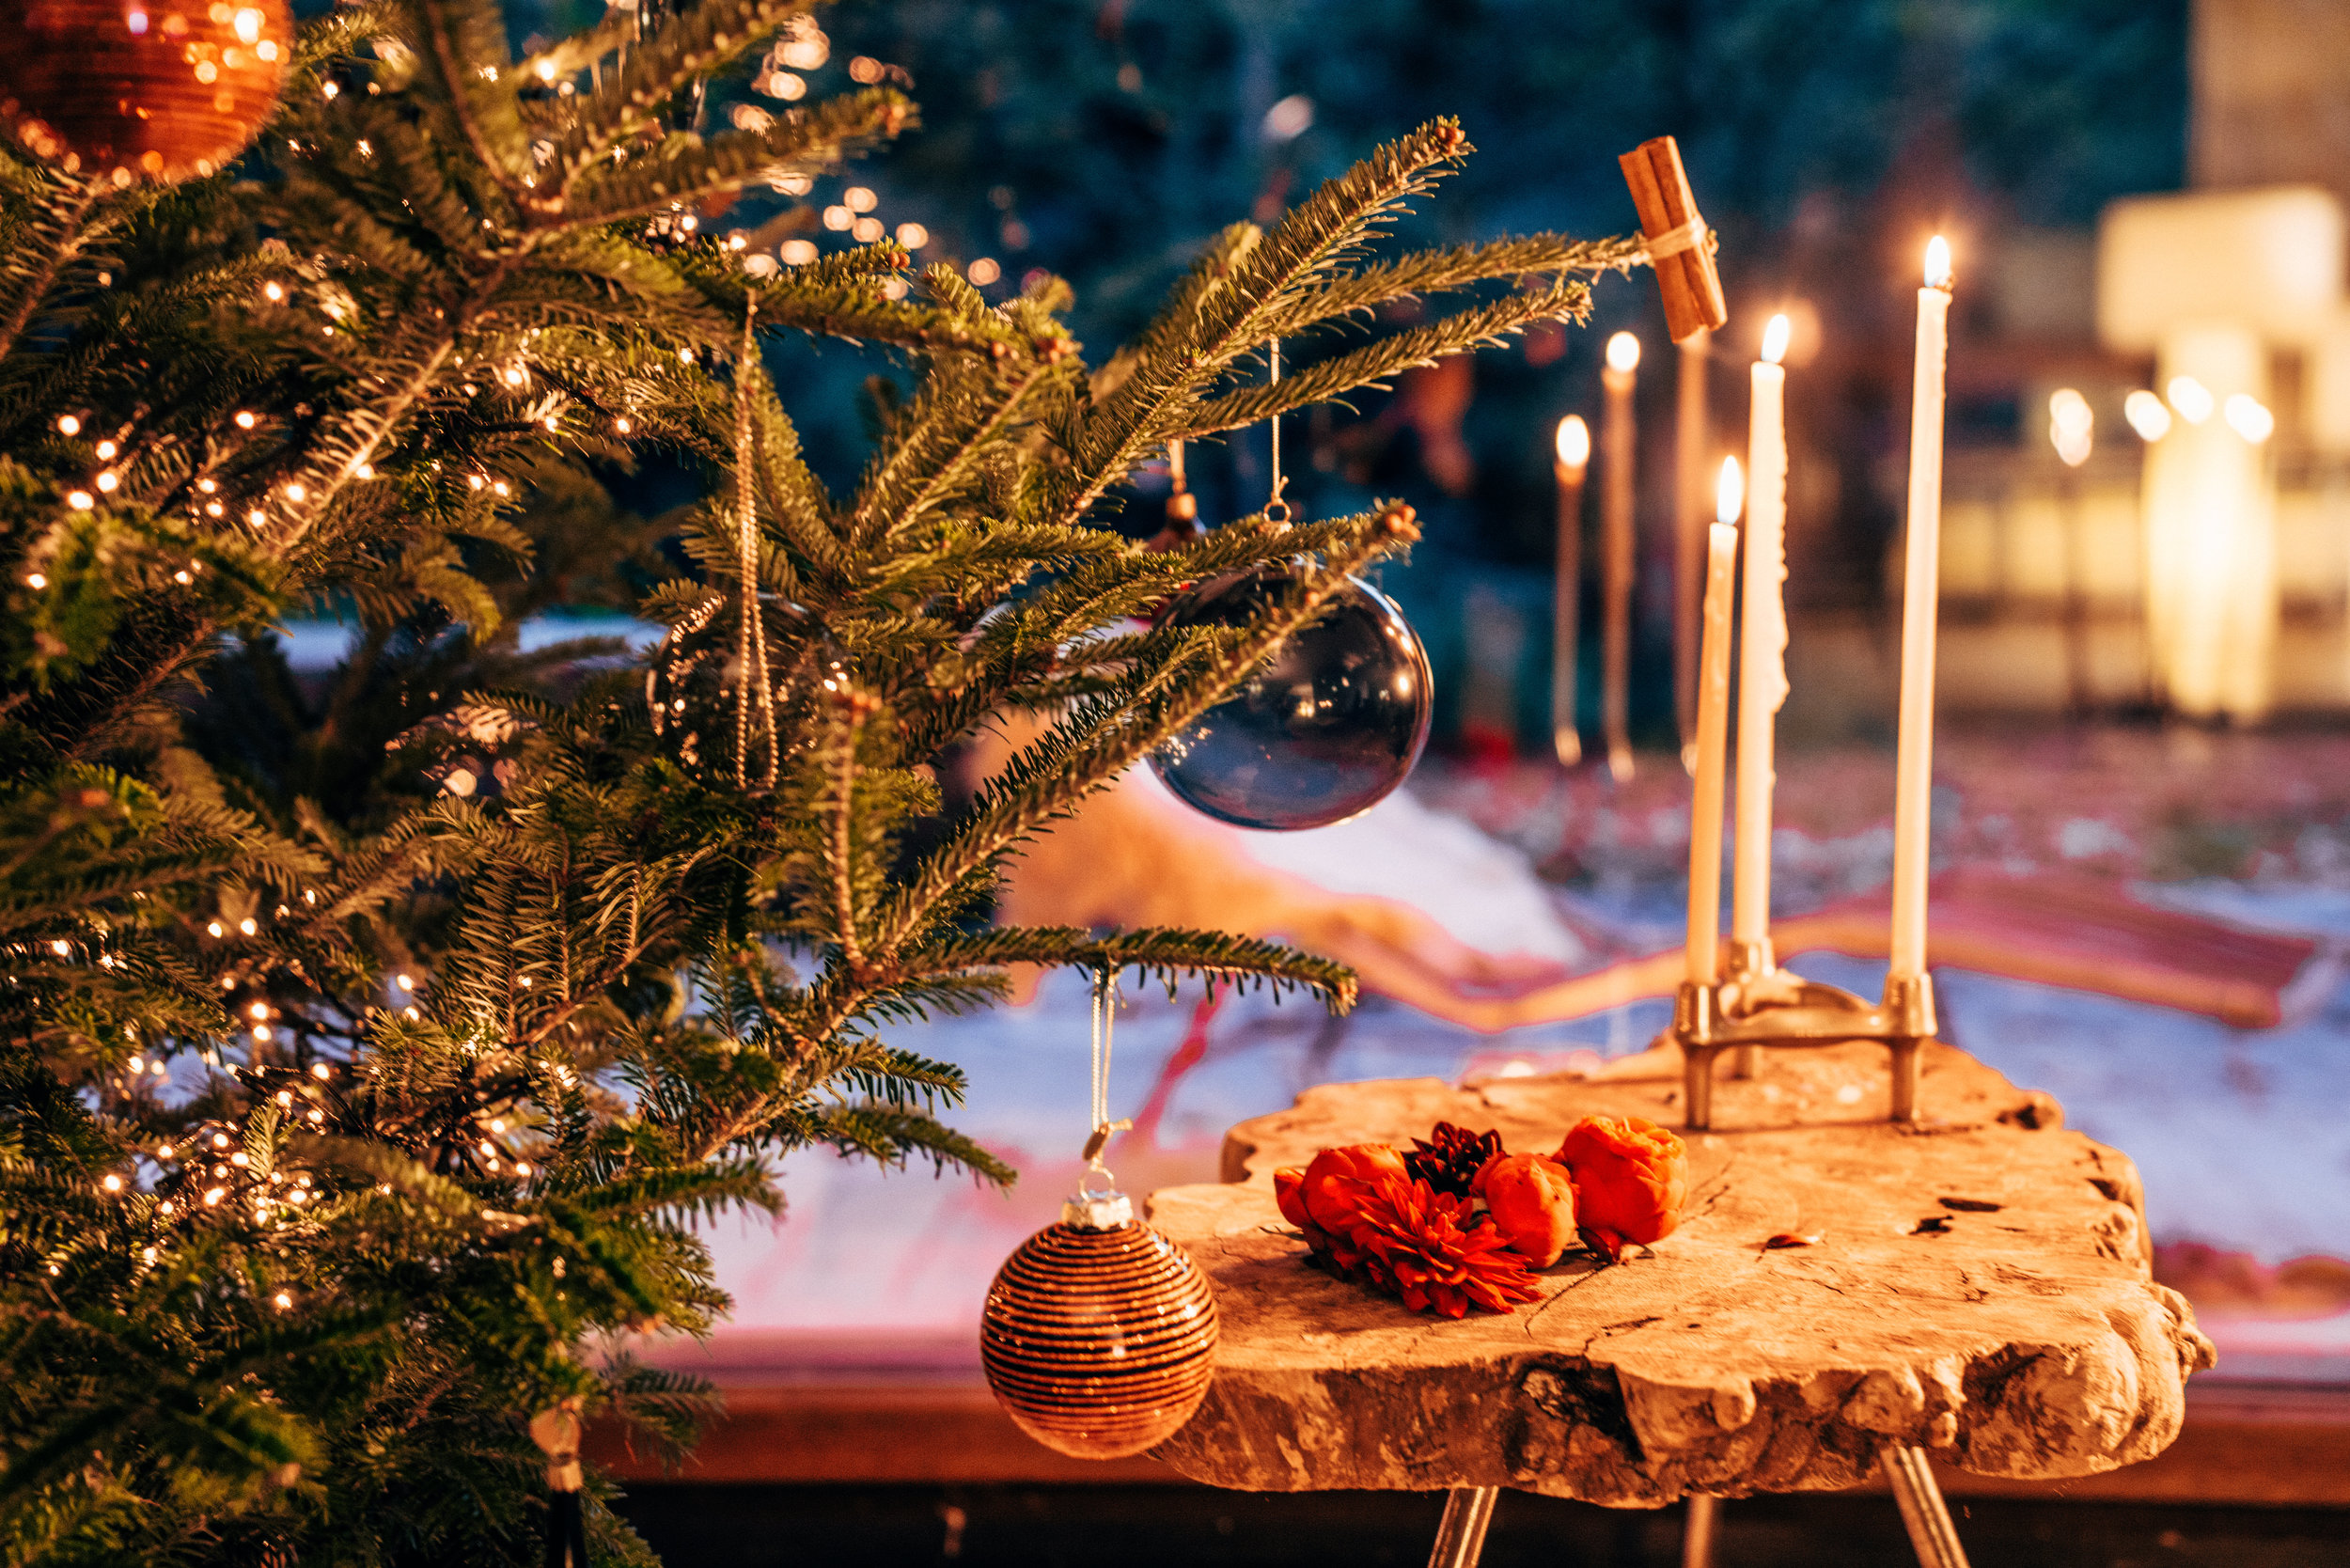 22-10-2017 hooray kerstboom kerst  bos ronse lifestyle-322.jpg